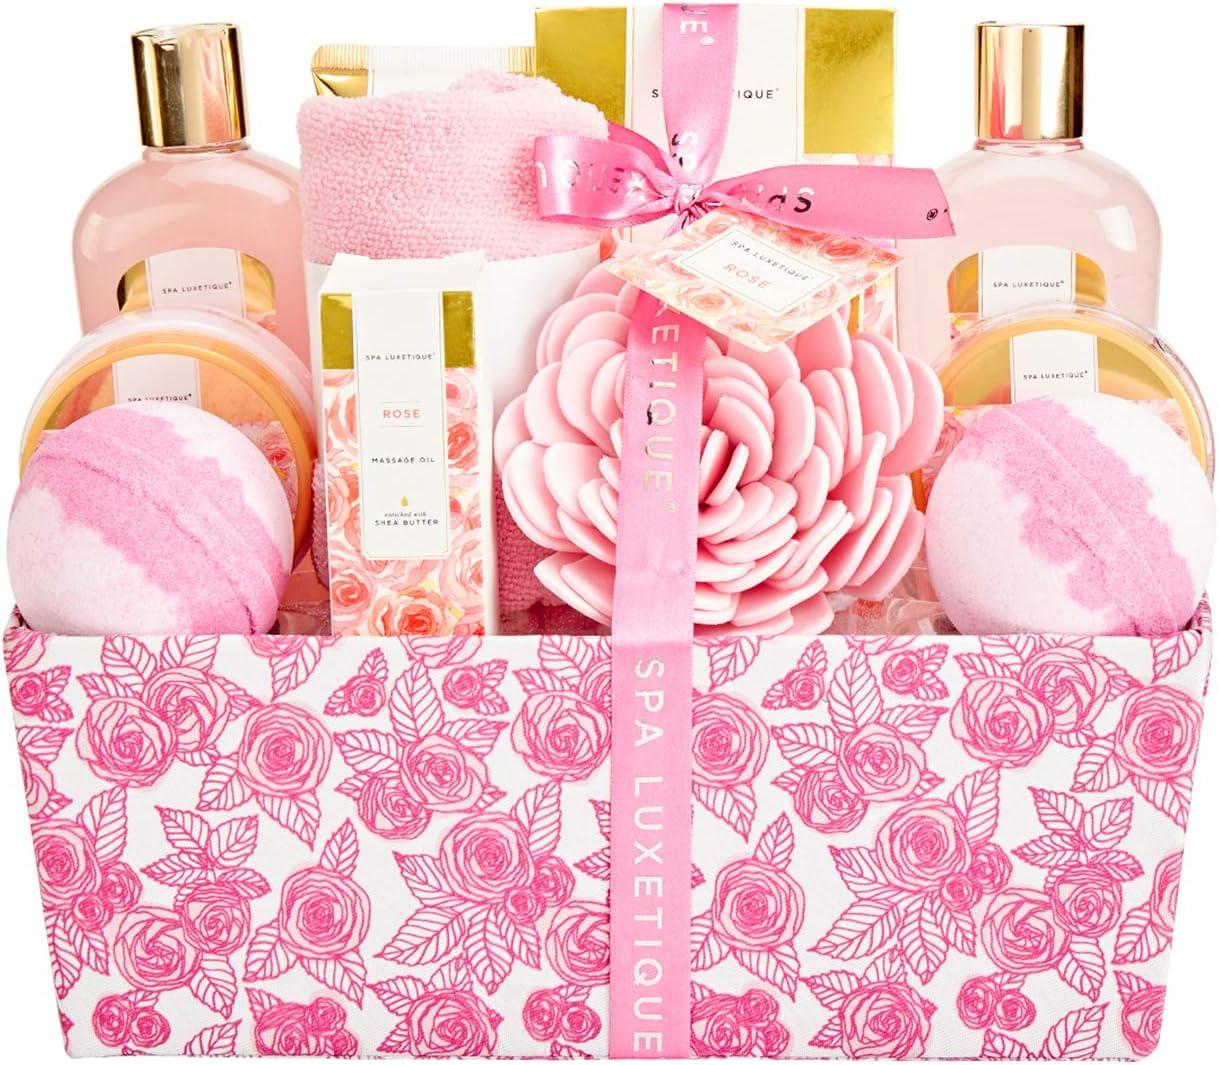 Spa Luxetique Set de Baño y Ducha, Set de 12 Regalos para Mujer a Rosa,Set de Spa para Hogar, Incluye Gel de Ducha, Baño de Burbujas, Aceite de Masaje, Bomba de Baño, Regalos Originales para Mujer